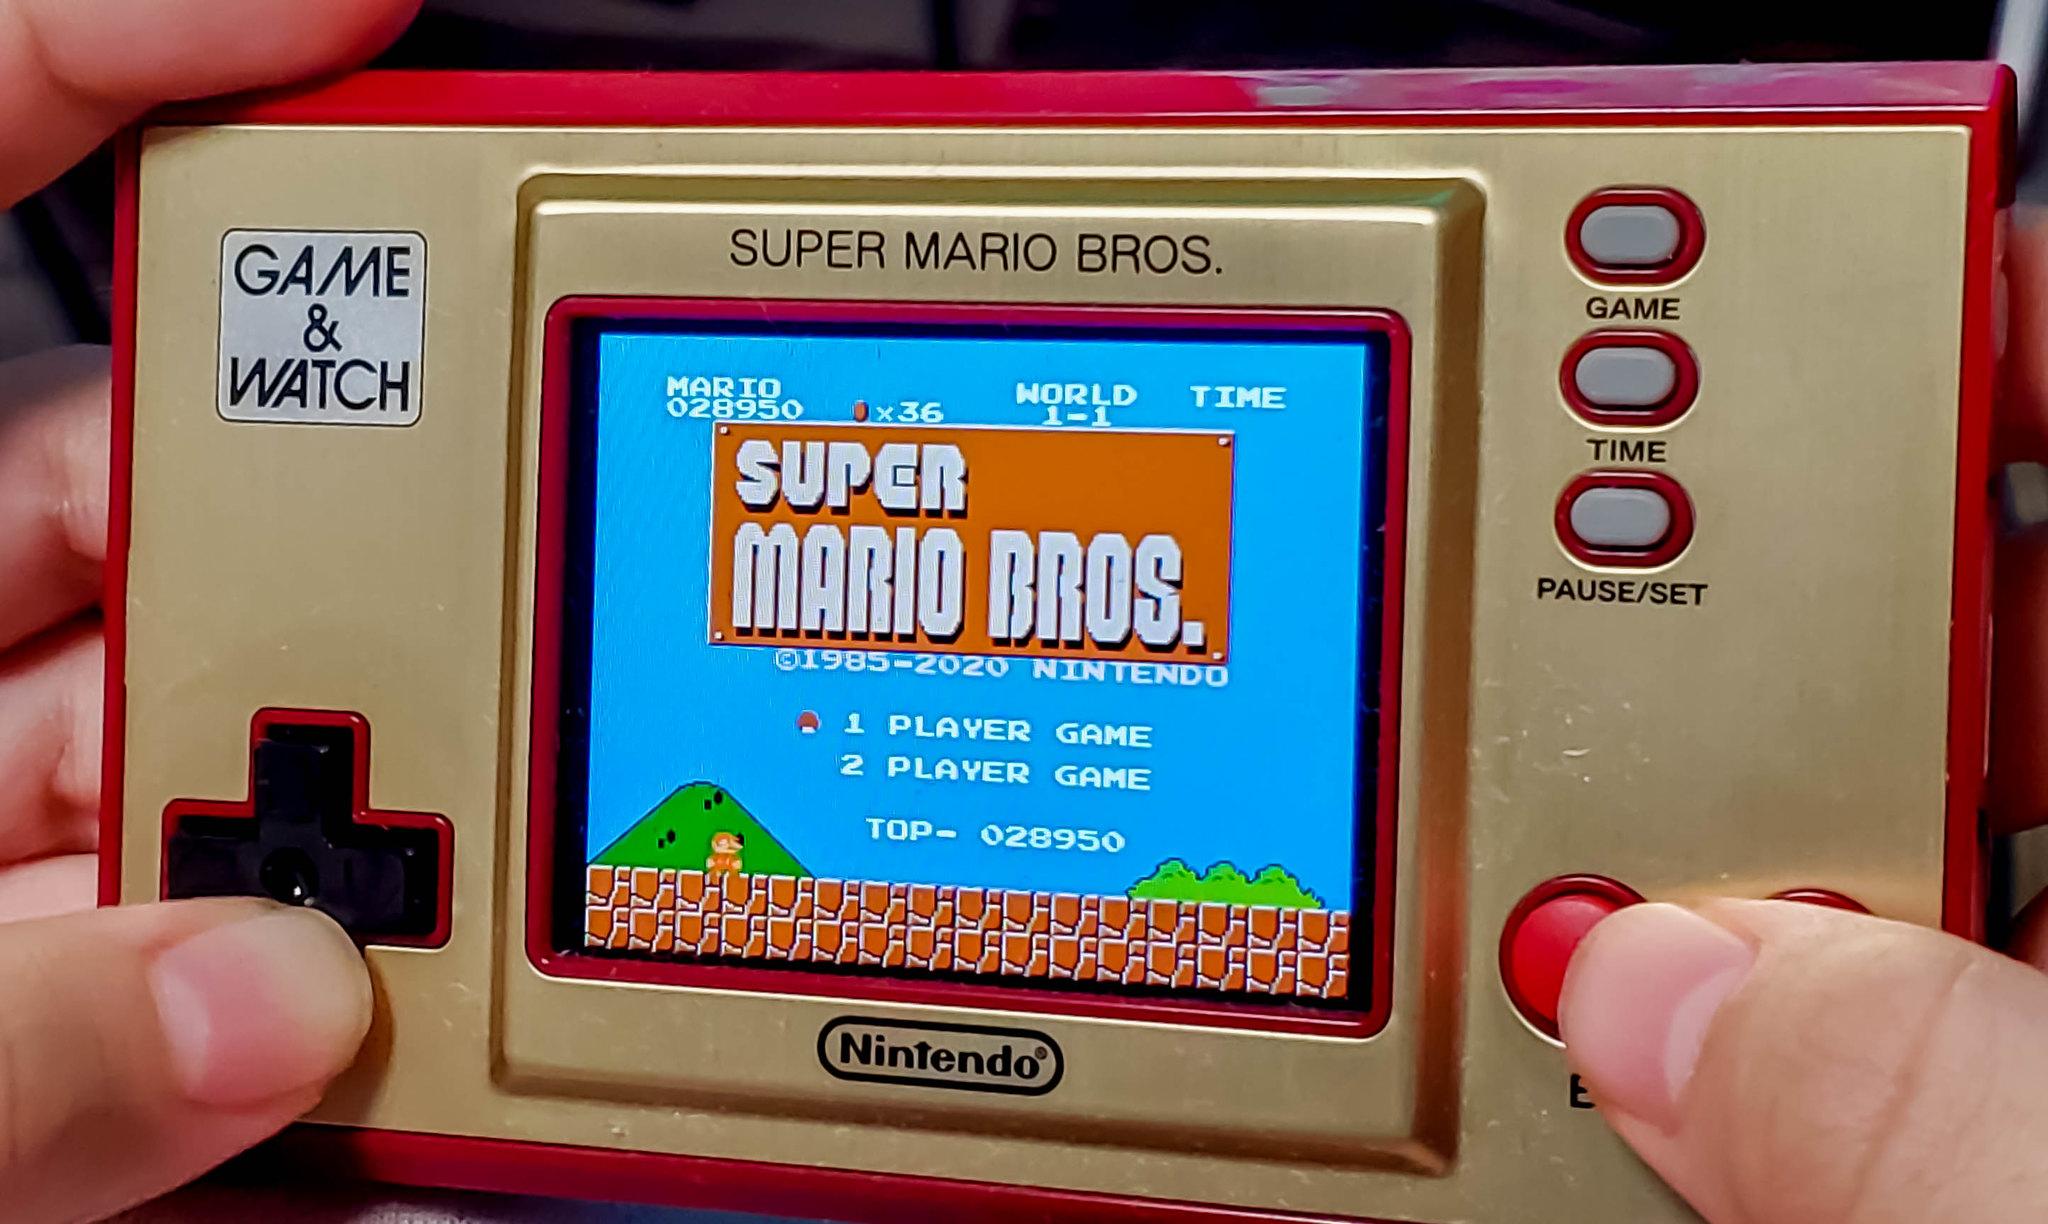 GAME&WATCH SUPER MARIO BROS.